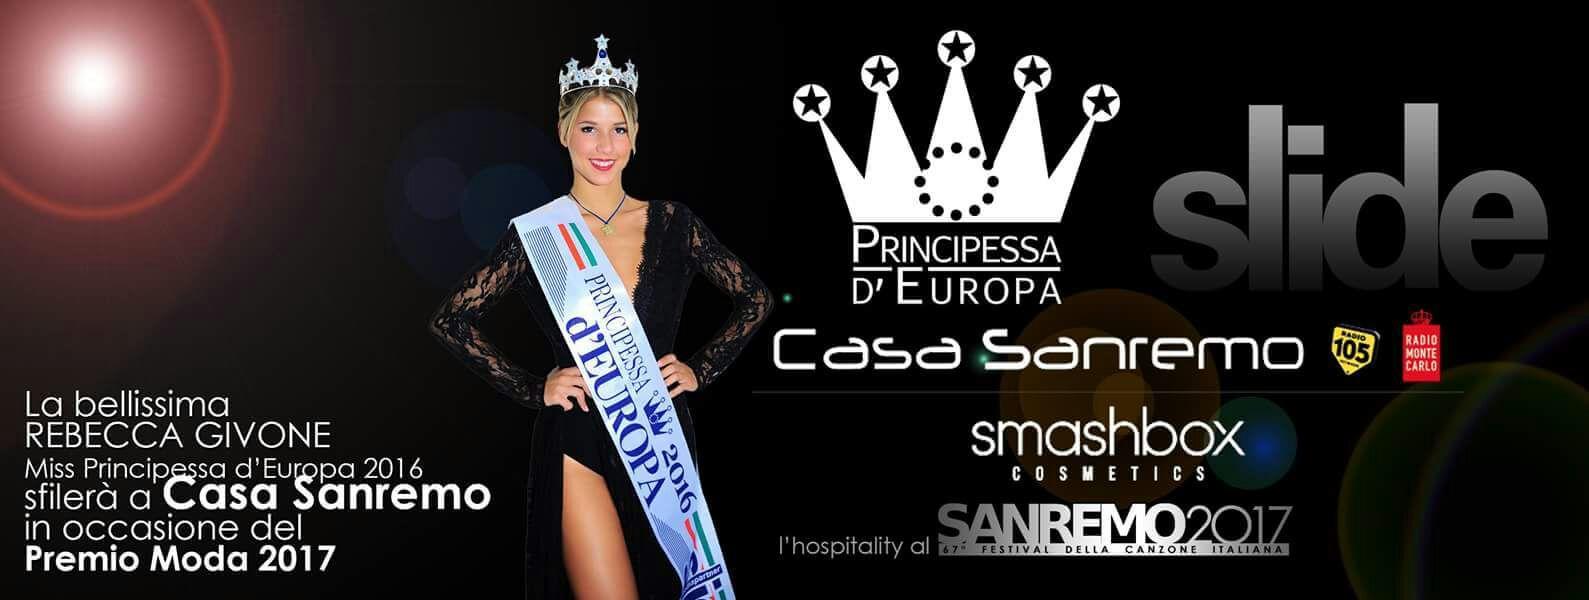 Incontriamo Rebecca Givone Miss Principessa d'Europa che ci racconta la sua esperienza da Miss Ciao Rebecca e bentornata su MONDOSPETTACOLO. Grazie di cuore per questa nuova intervista. Raccontaci il tuo […]